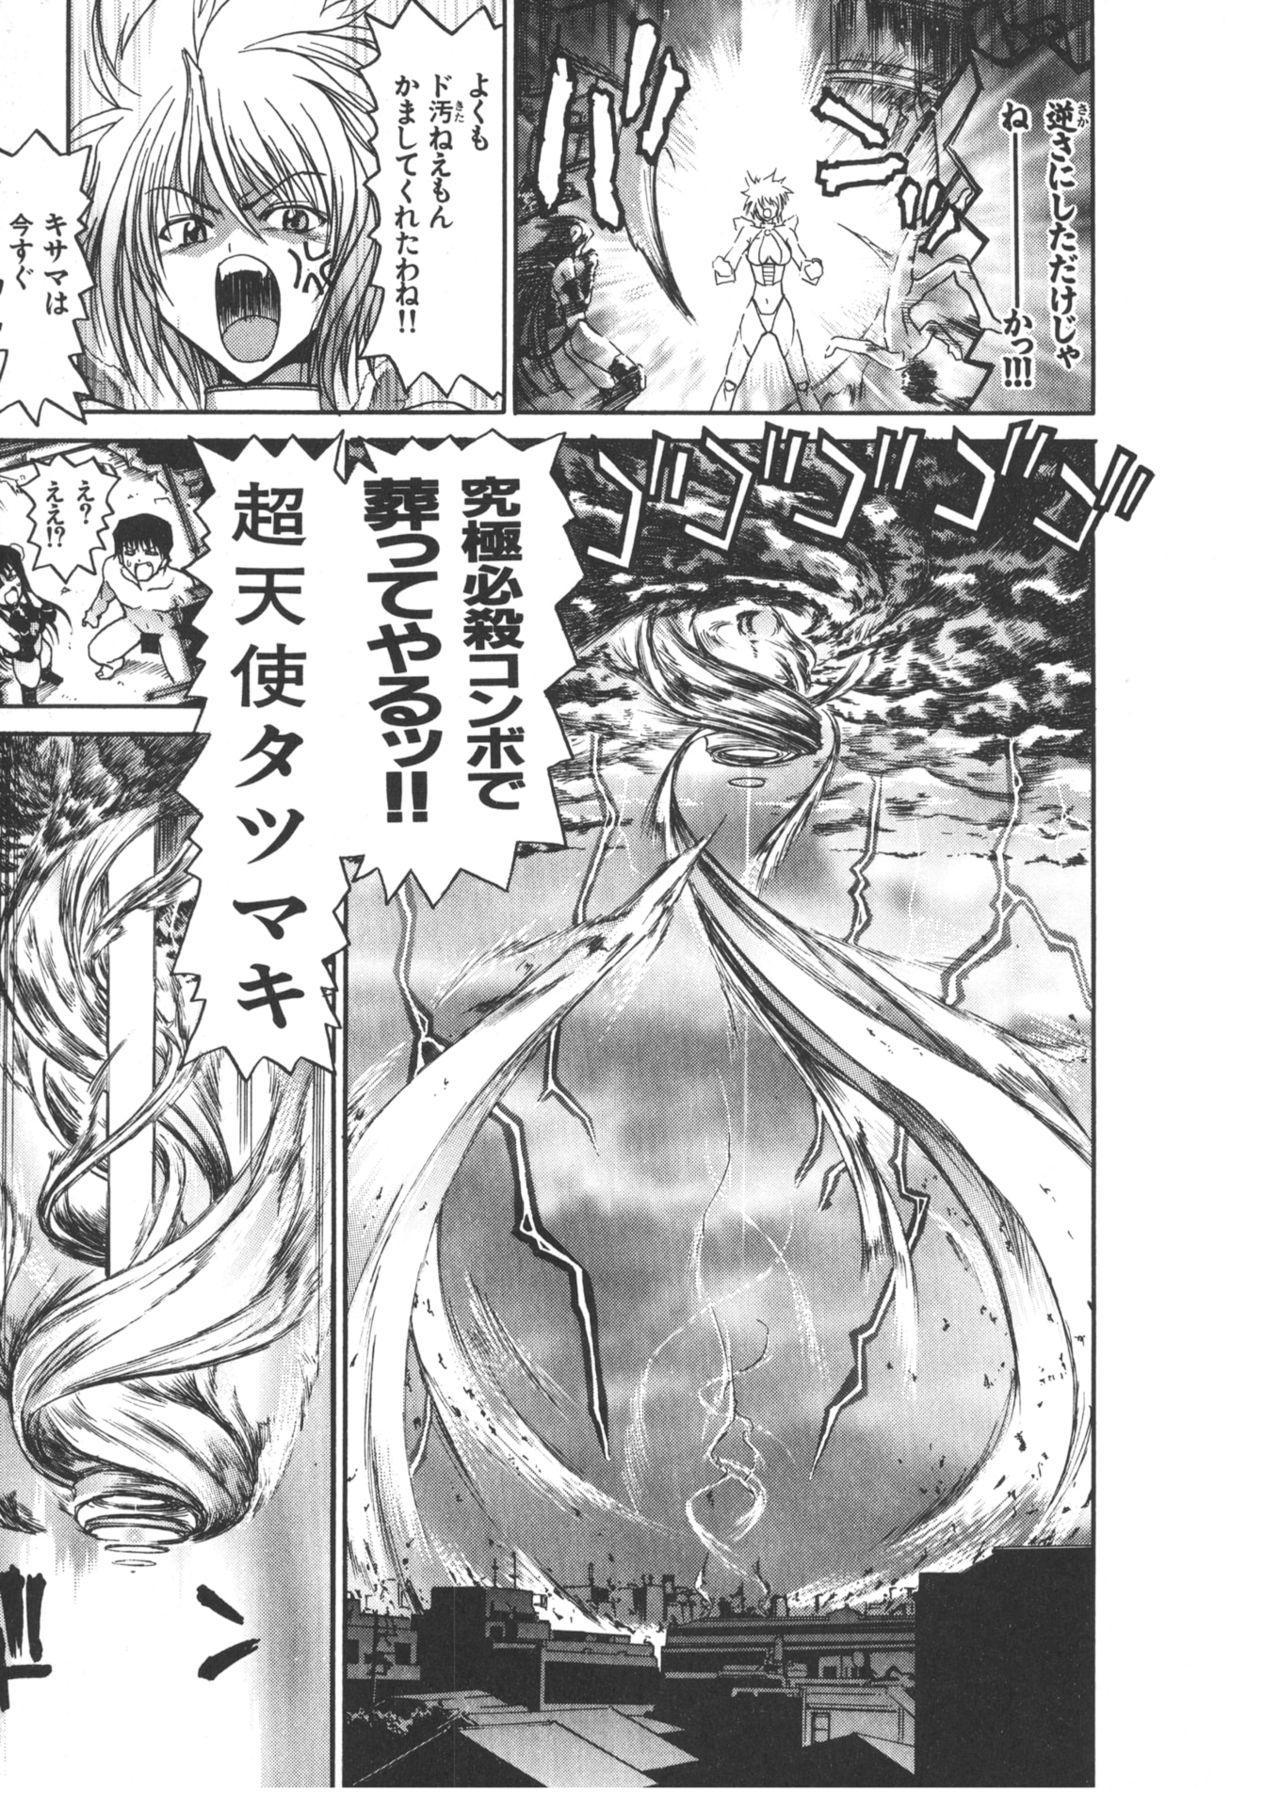 COMIC Kairakuten 25 Shuunen kinen tokubetsugou 99